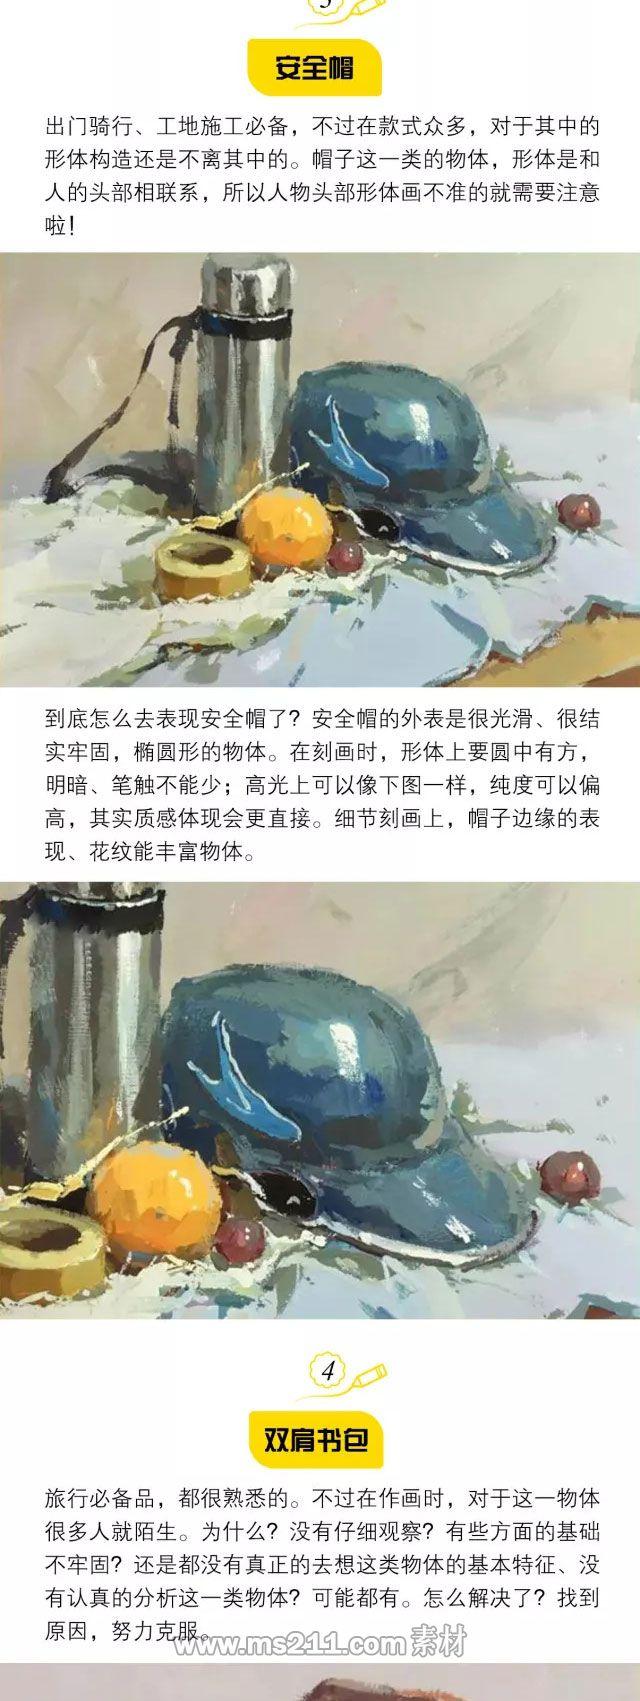 色彩静物:不常画的物体该怎么应对?(上)_03.jpg